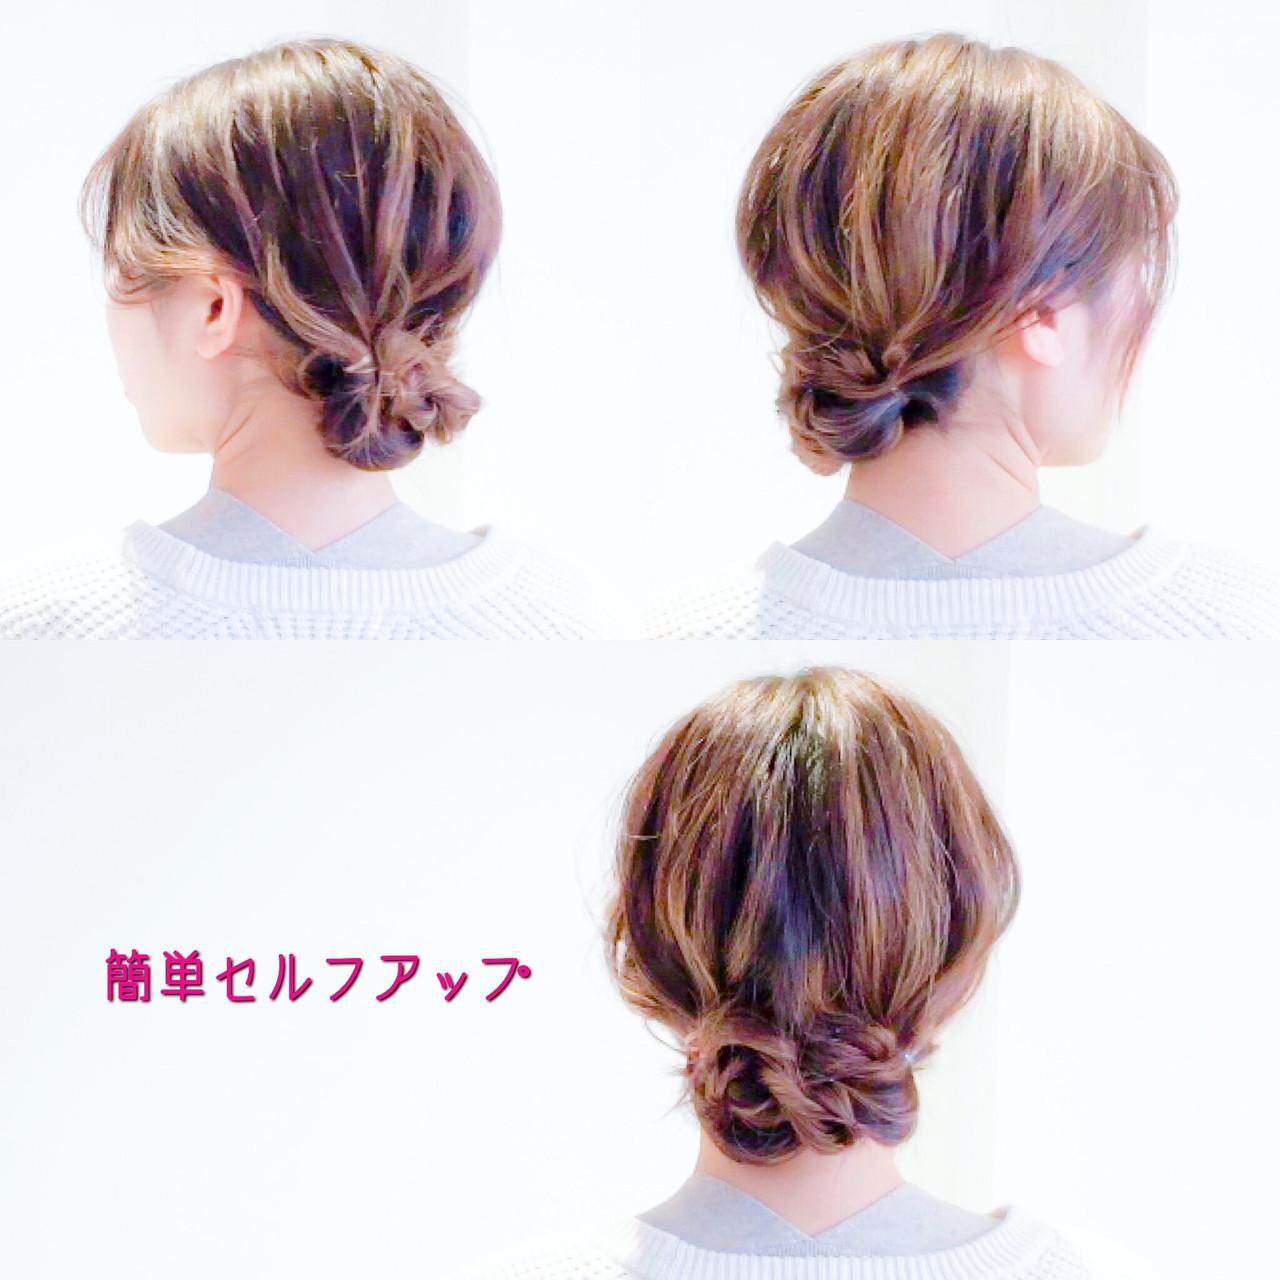 就活ヘアにおすすめなまとめ髪 美容師HIRO/Amoute代表